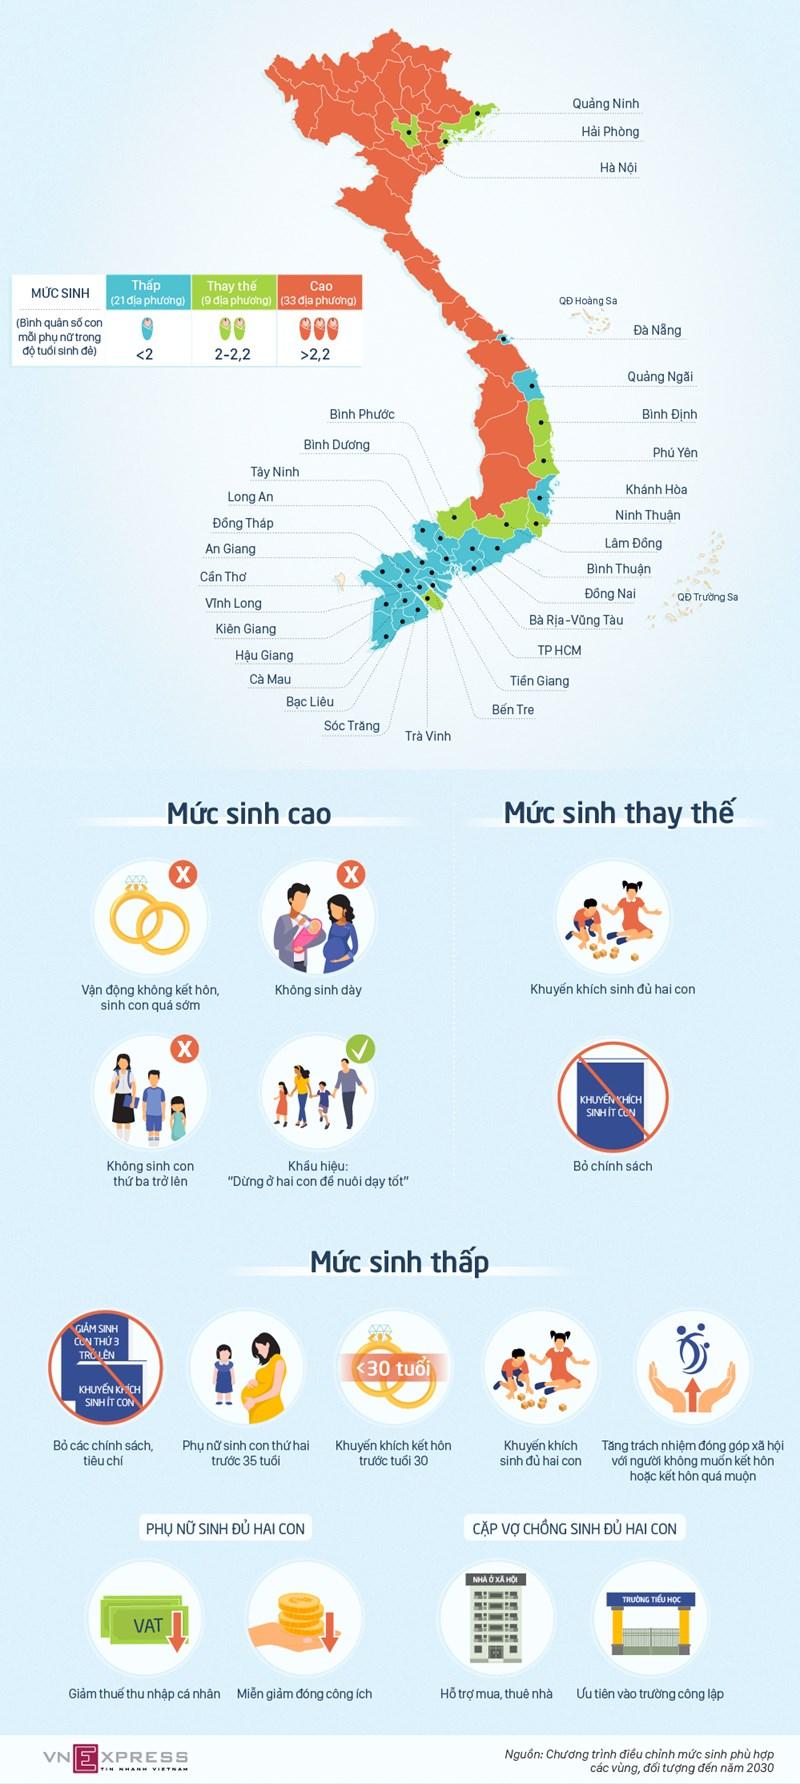 [Infographics] 21 tỉnh, thành khuyến khích thanh niên kết hôn trước tuổi 30 - Ảnh 1